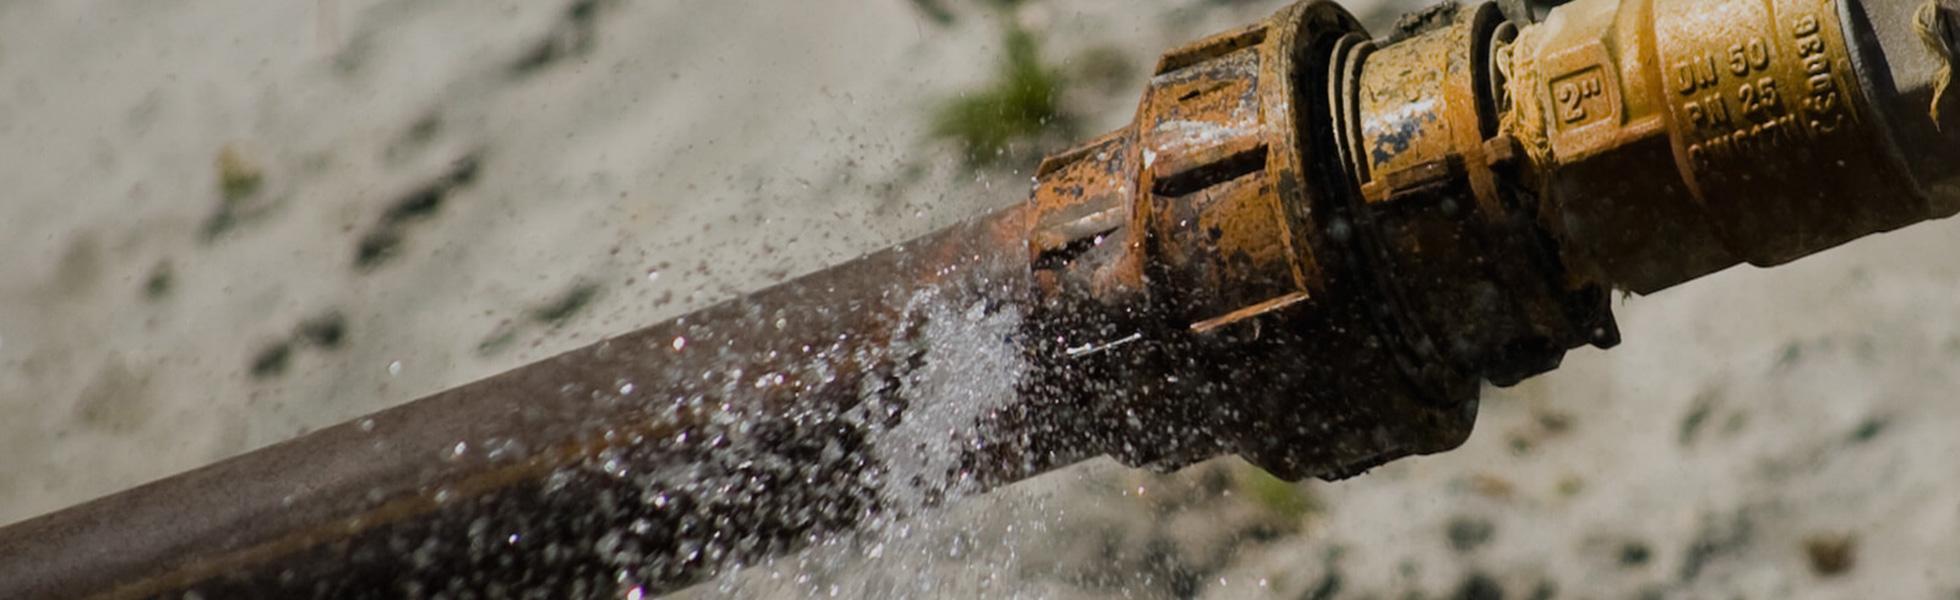 کاهش فشار آب ناگهانی